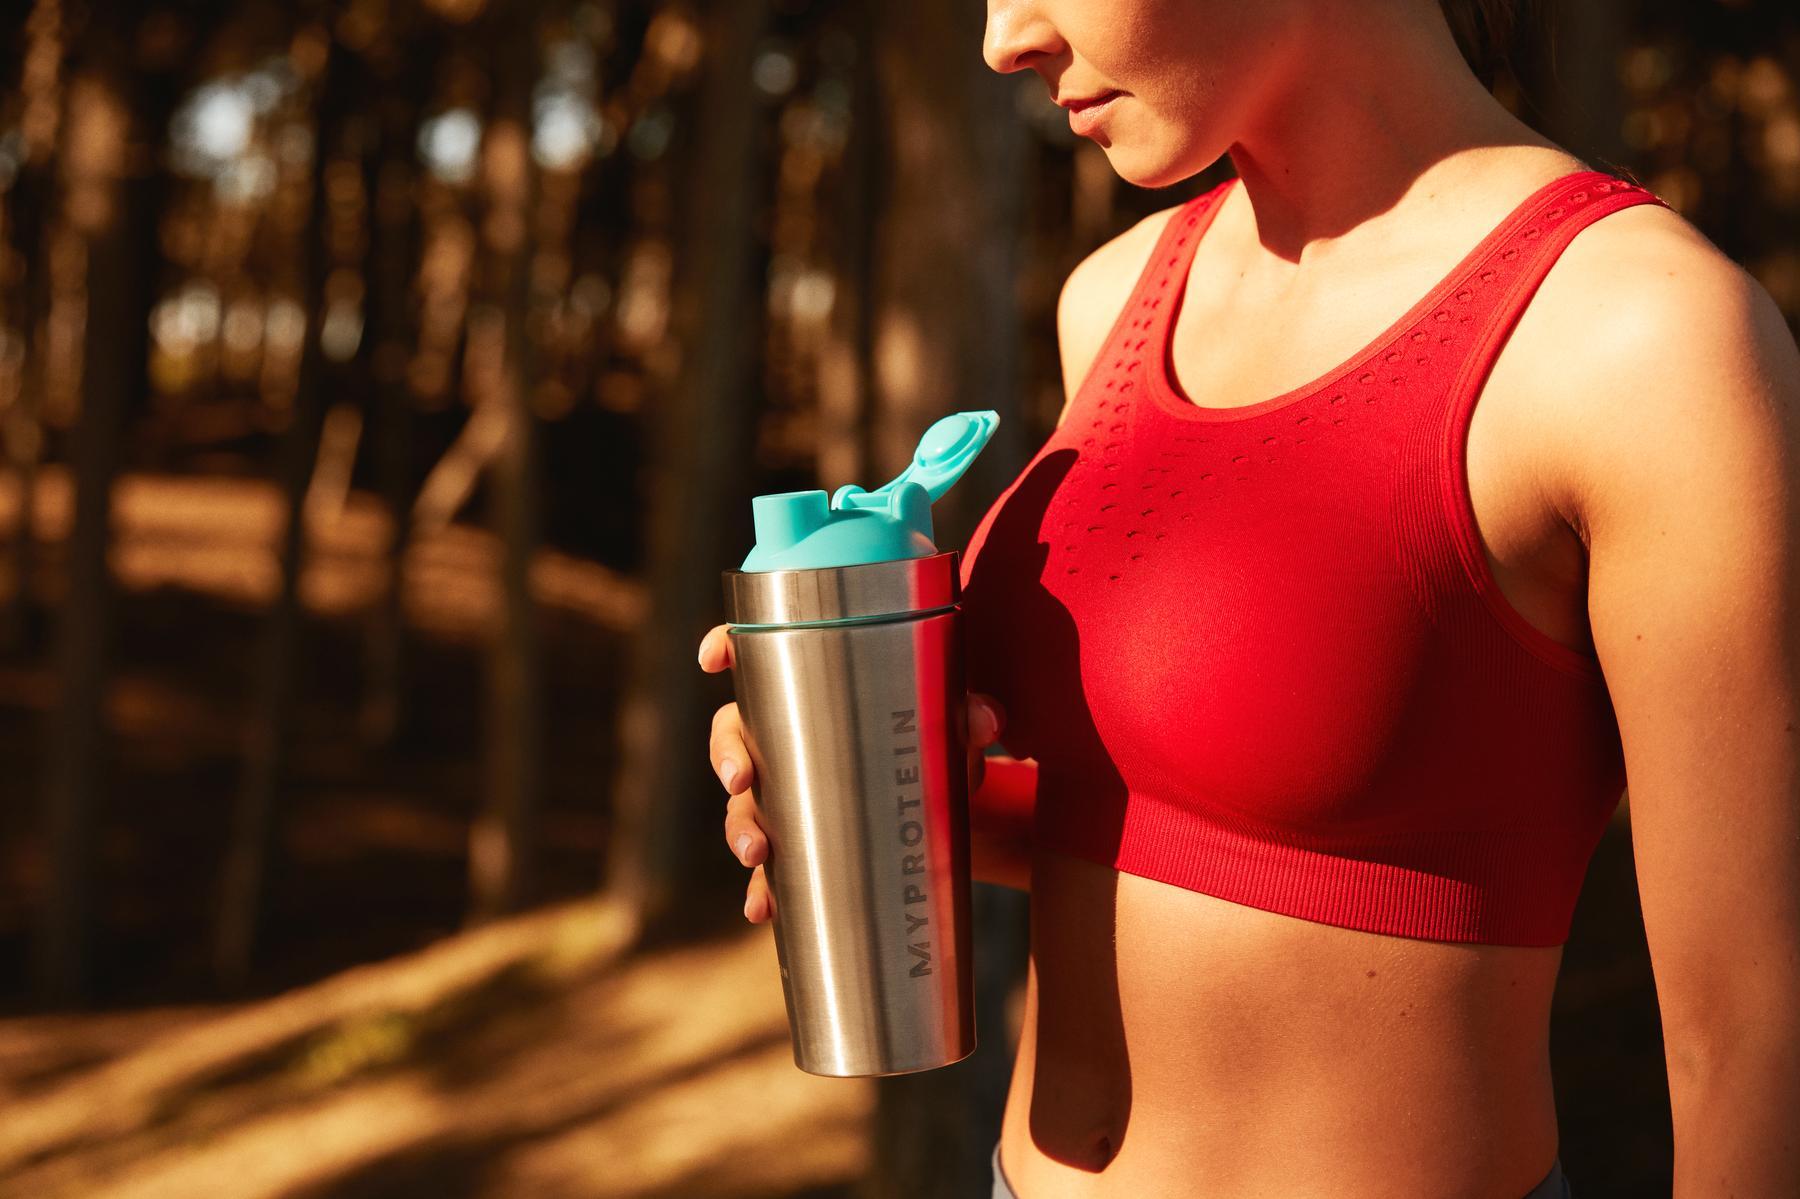 Comment bien se réveiller pour faire son sport le matin ?